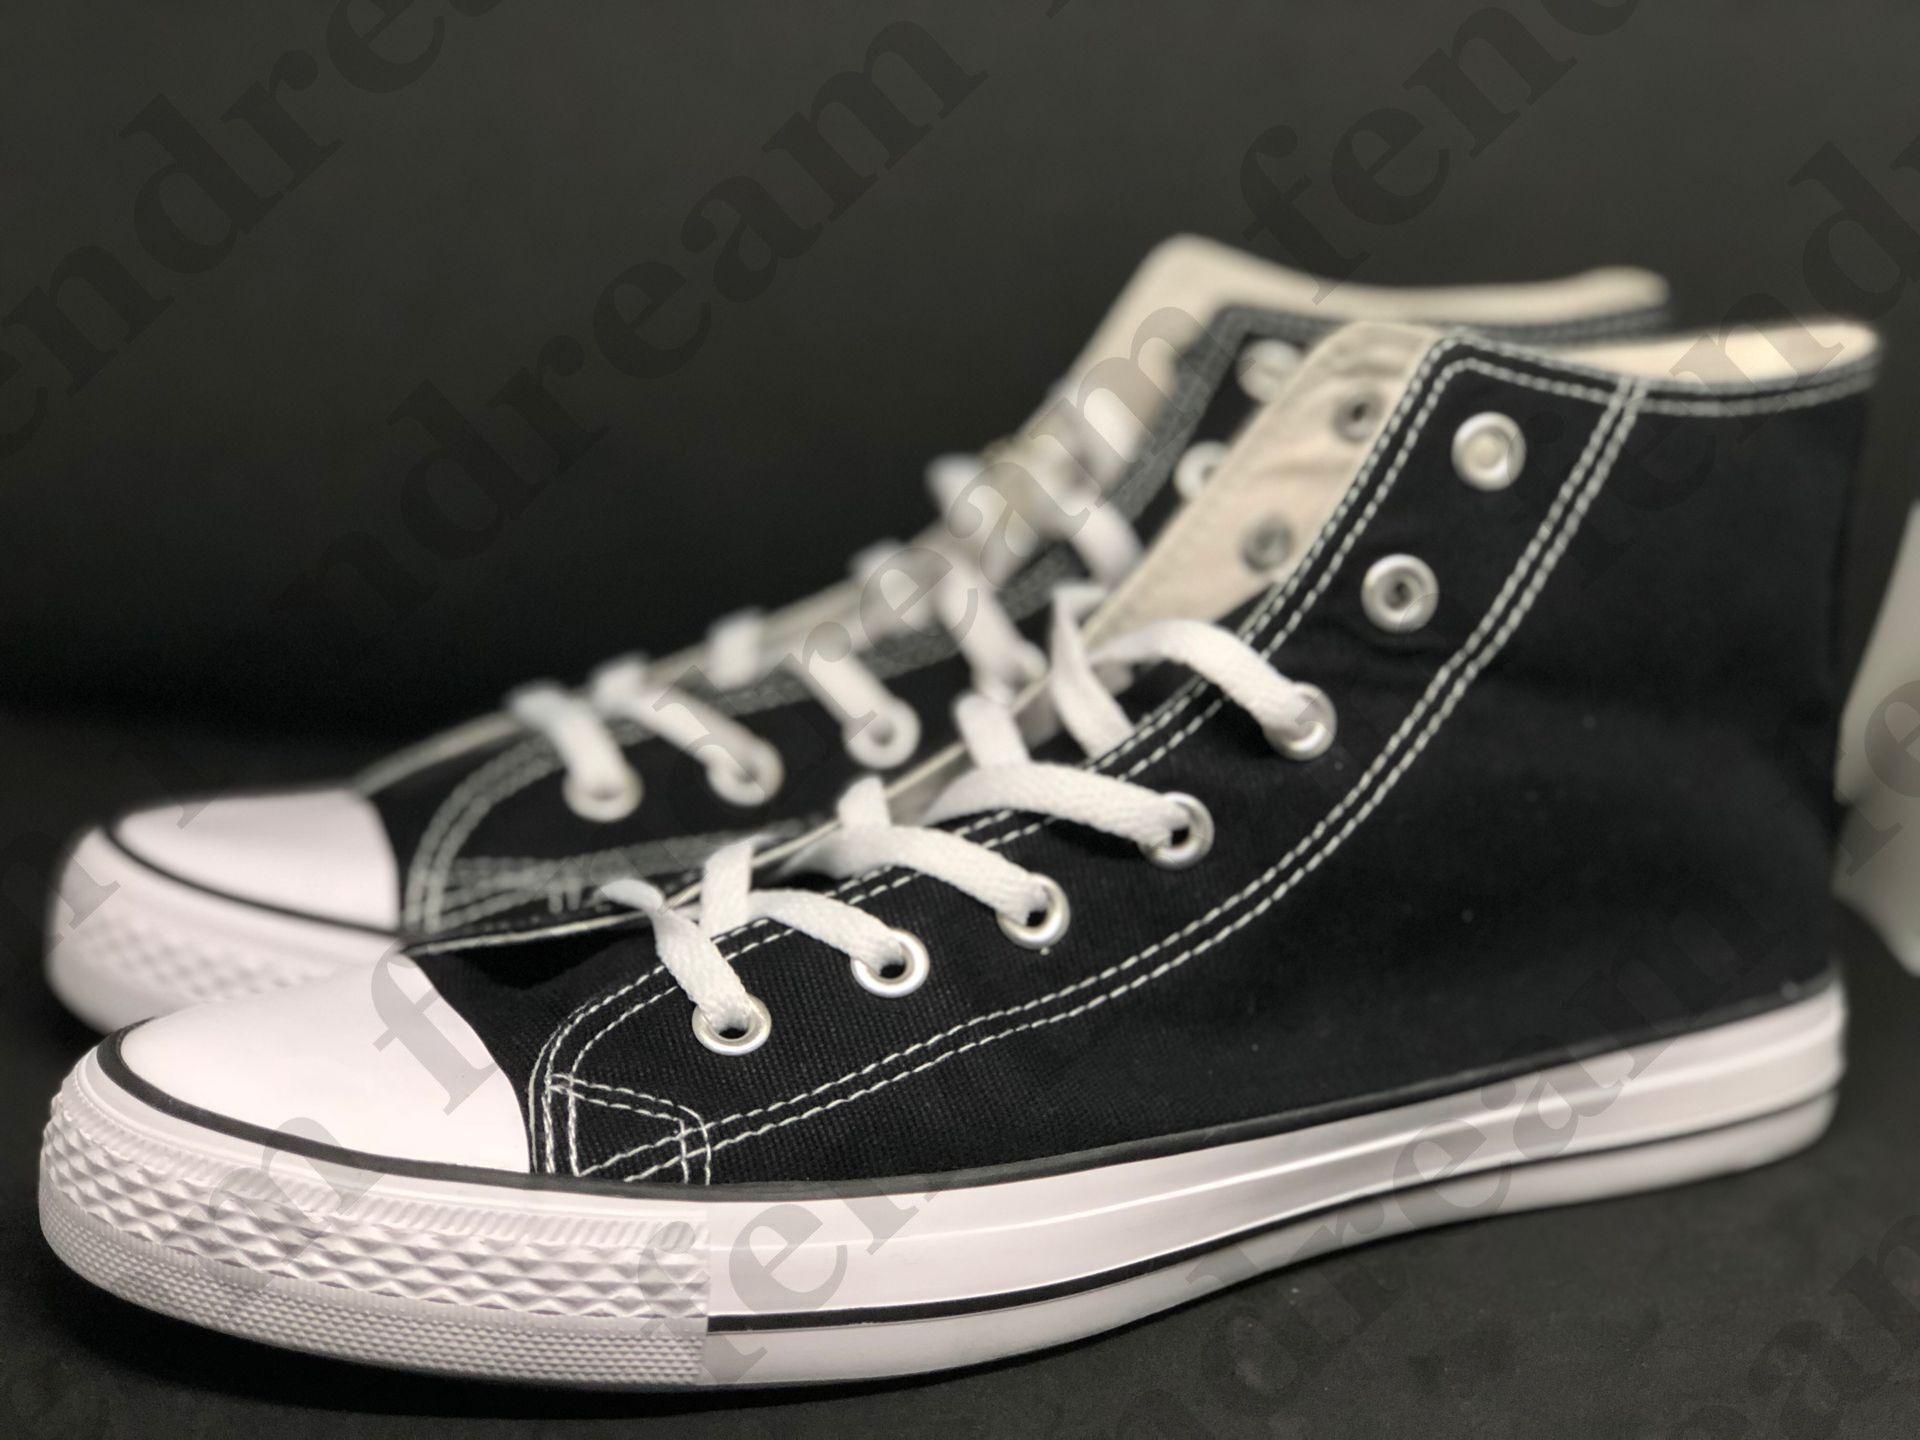 Big Size35-46 Unisex Low-Top High-Top Casual Lienzo Zapatos Adultos Mujeres Hombres 13 Colores Cubiado Sneaker Student Cómodo zapato plano